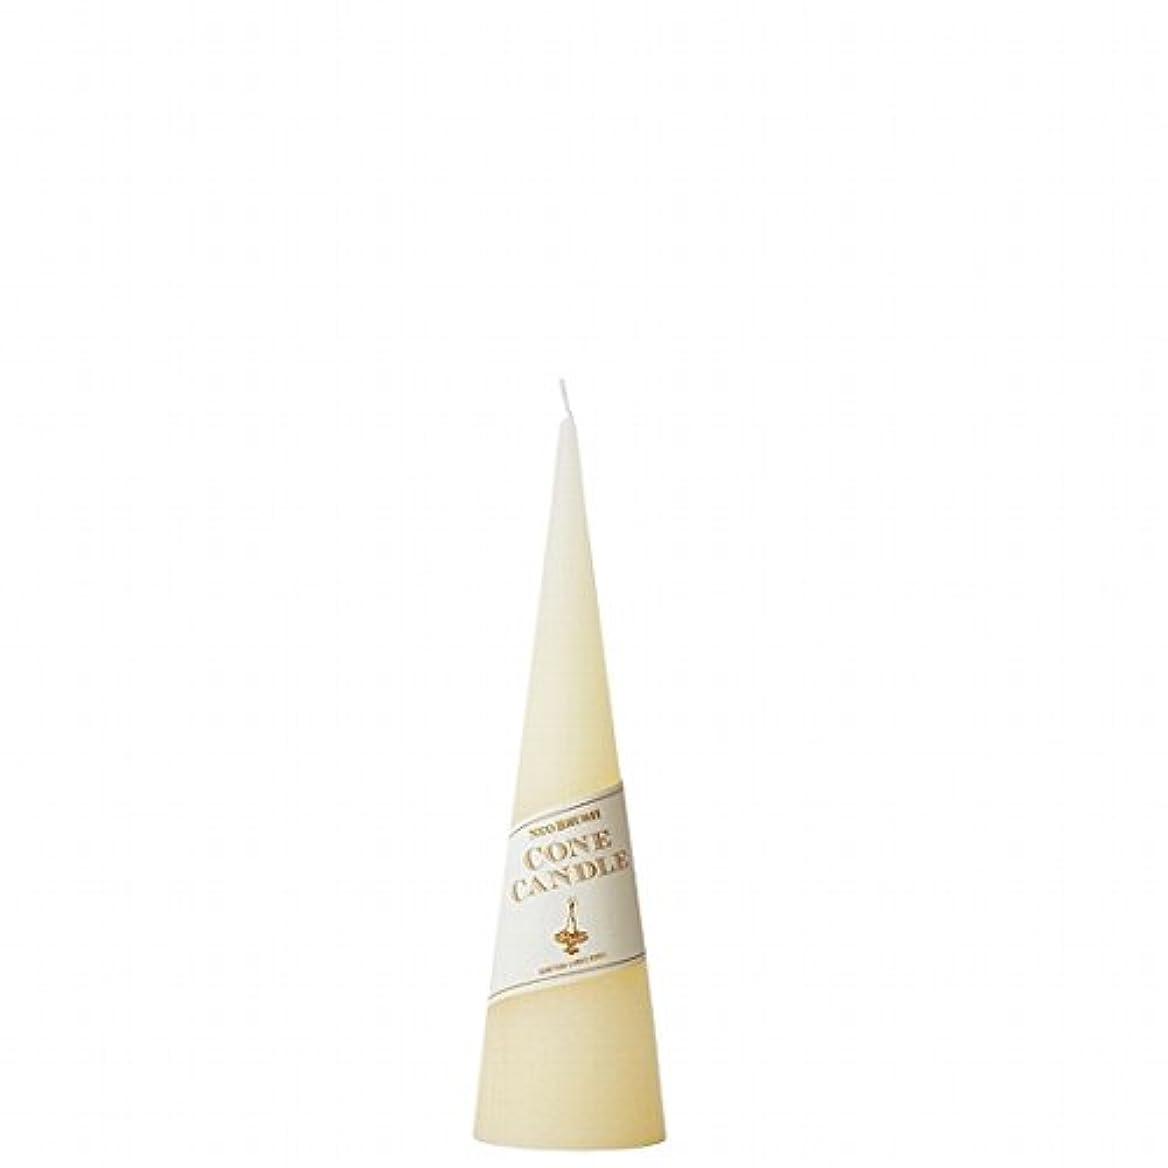 剪断タイトルベアリングサークルカメヤマキャンドル( kameyama candle ) ネオブラッシュコーン 180 キャンドル 「 アイボリー 」